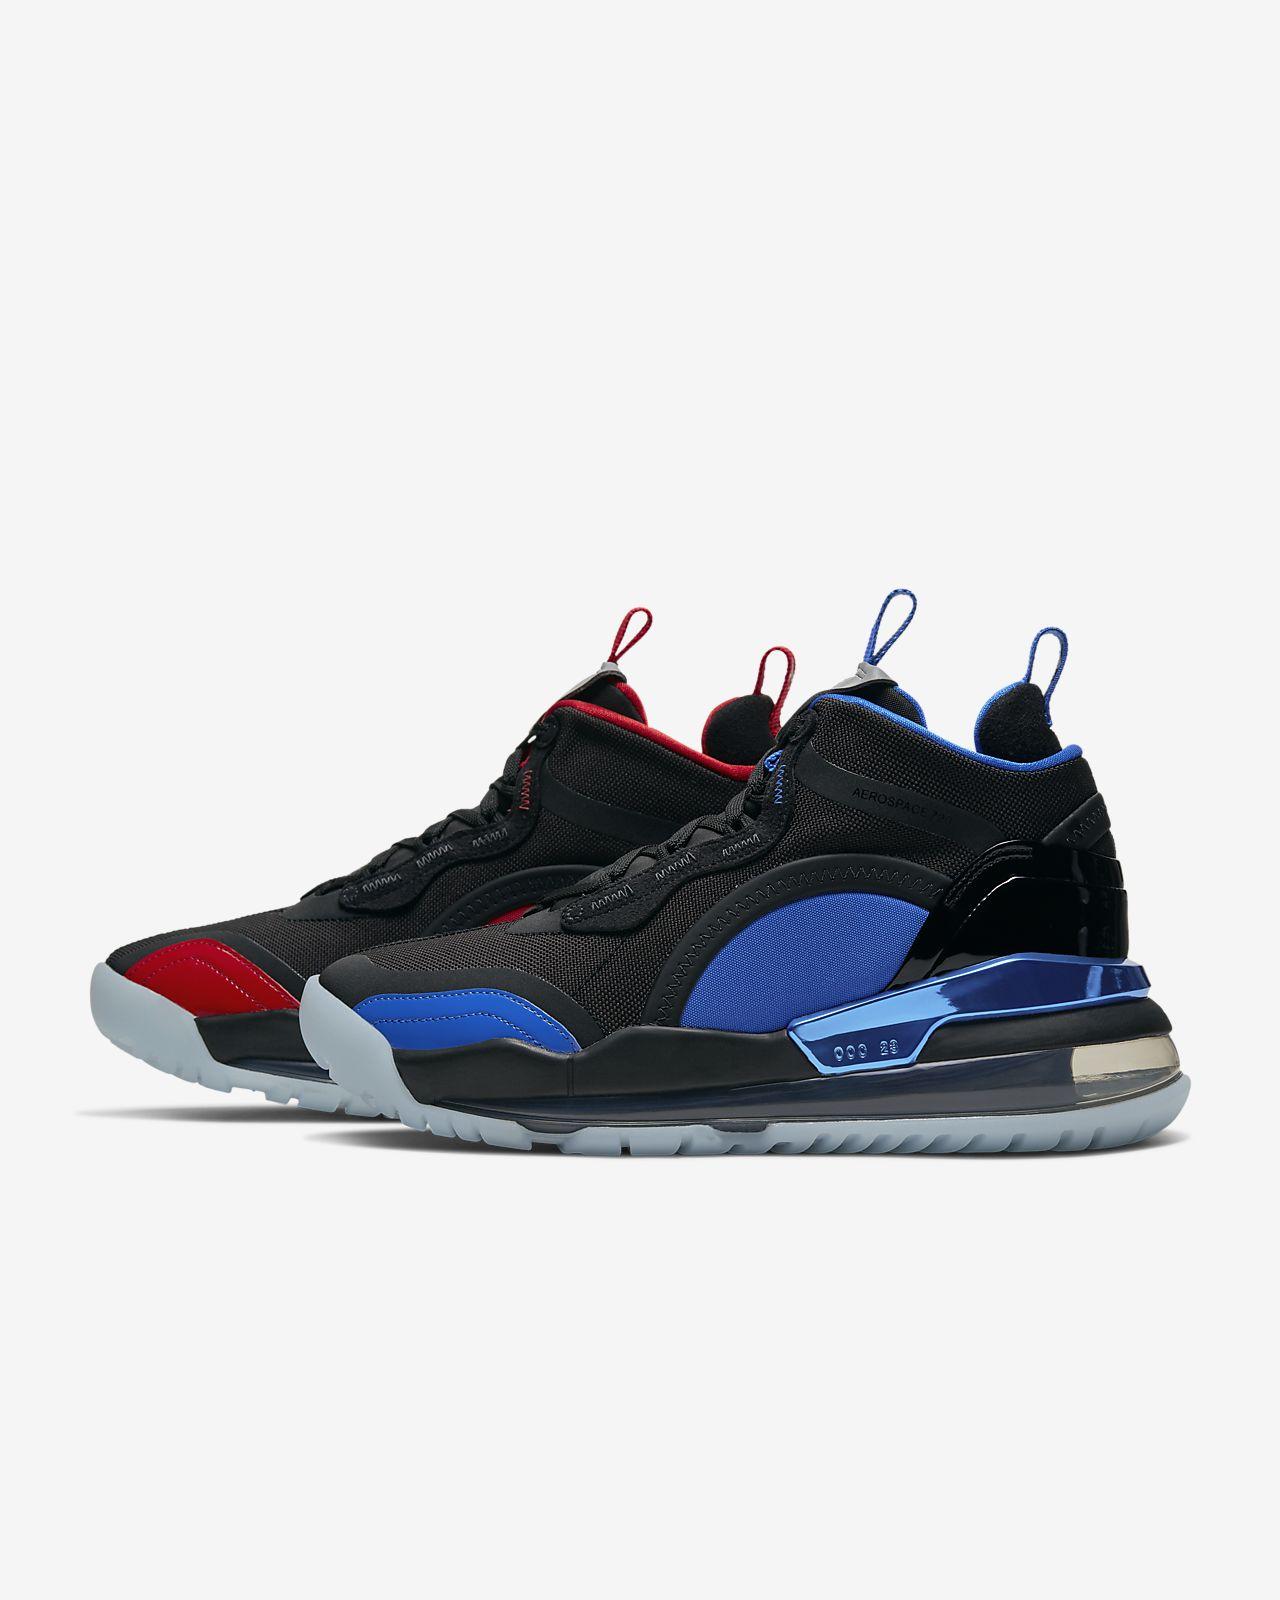 รองเท้าผู้ชาย Jordan Aerospace 720 Paris Saint-Germain